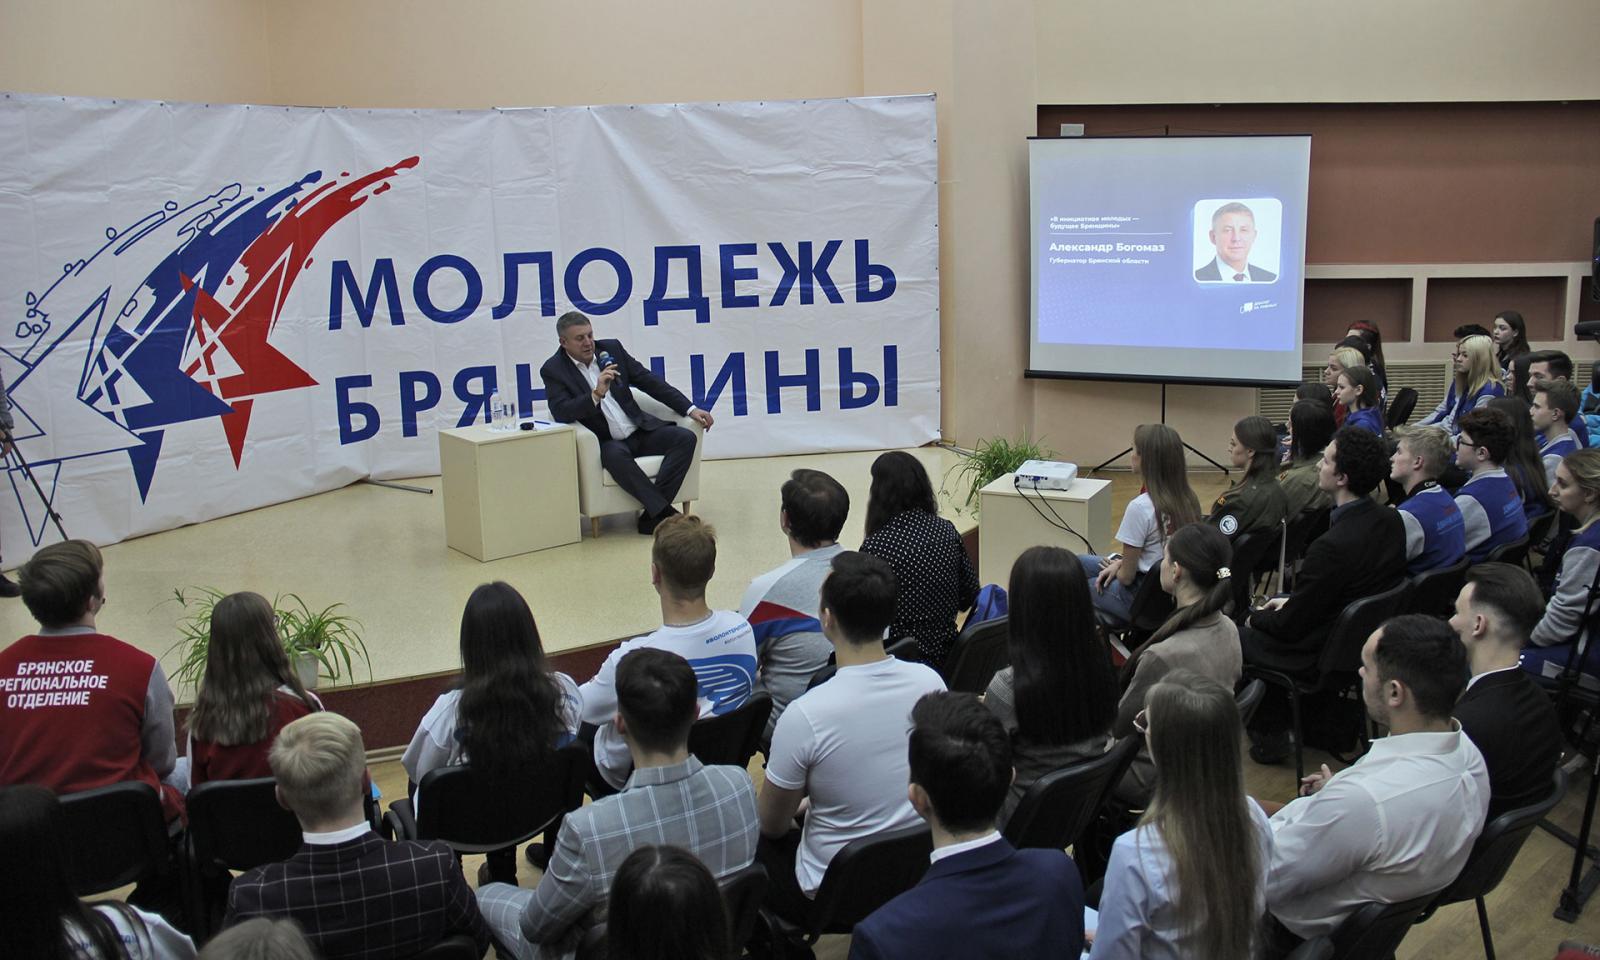 Брянский губернатор вышел в прямой эфир ВКонтакте